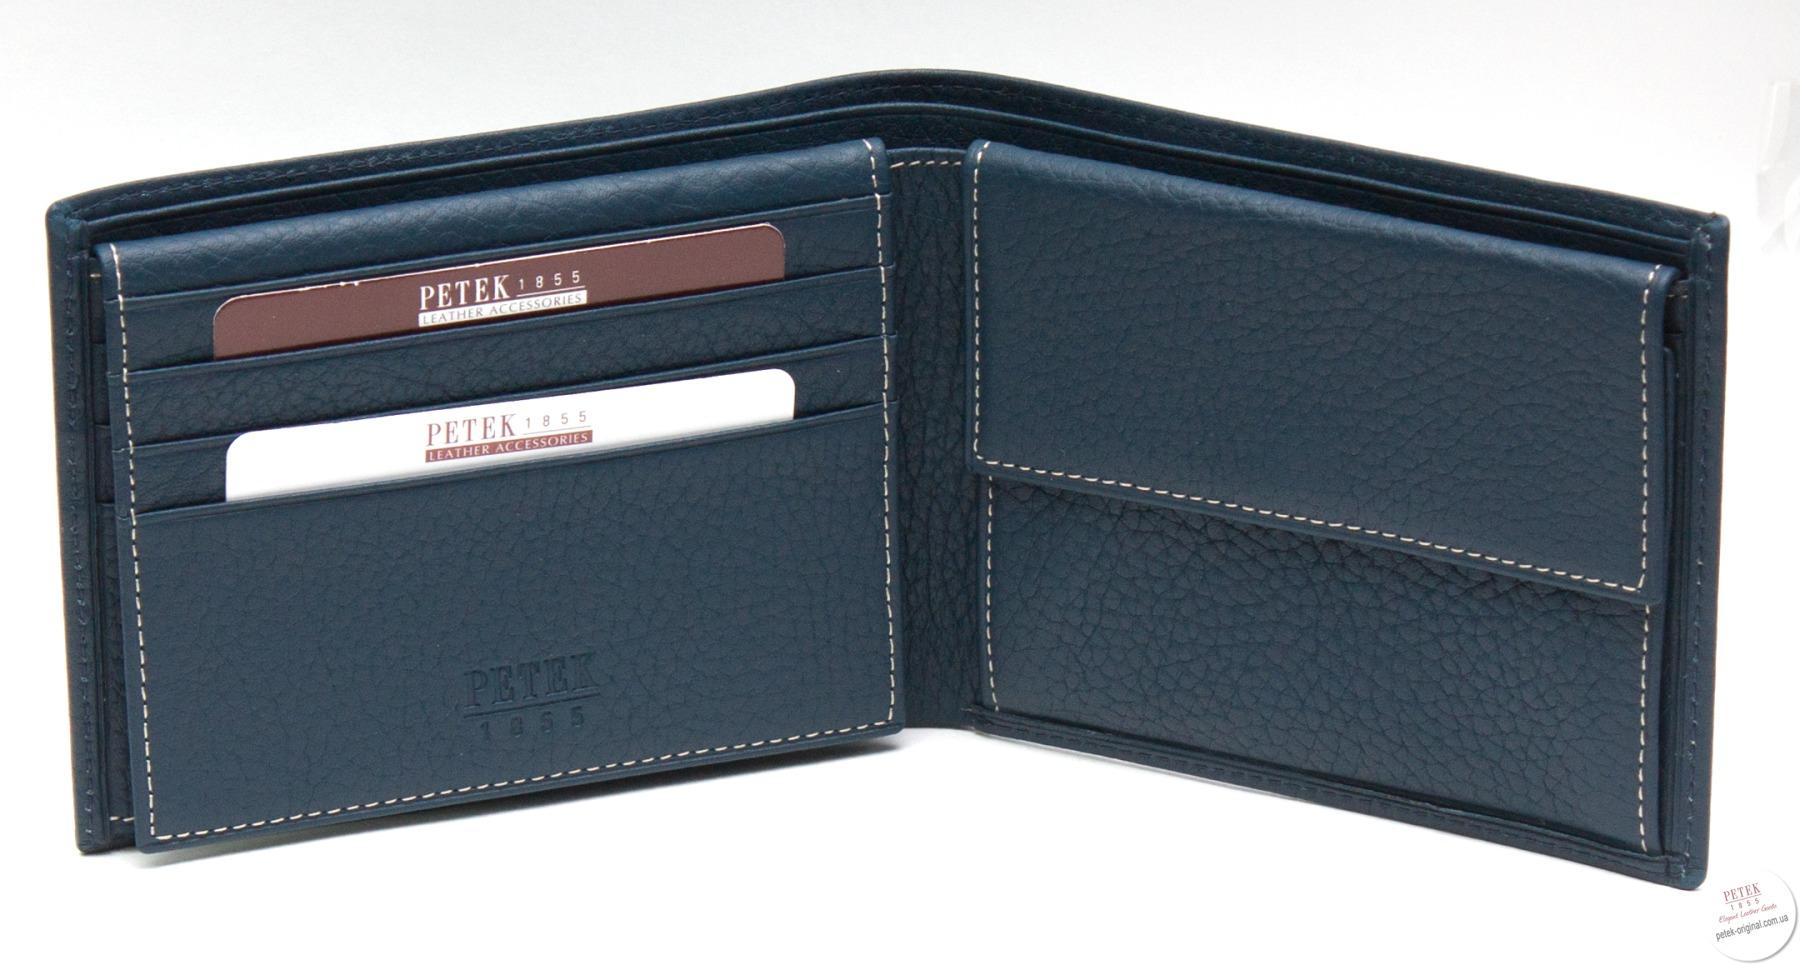 d2d604756678 В наши дни в кошельках хранят не только денежные средства, но и различные  карты и визитки. Именно этот аксессуар расскажет о статусе мужчины и  поможет ...